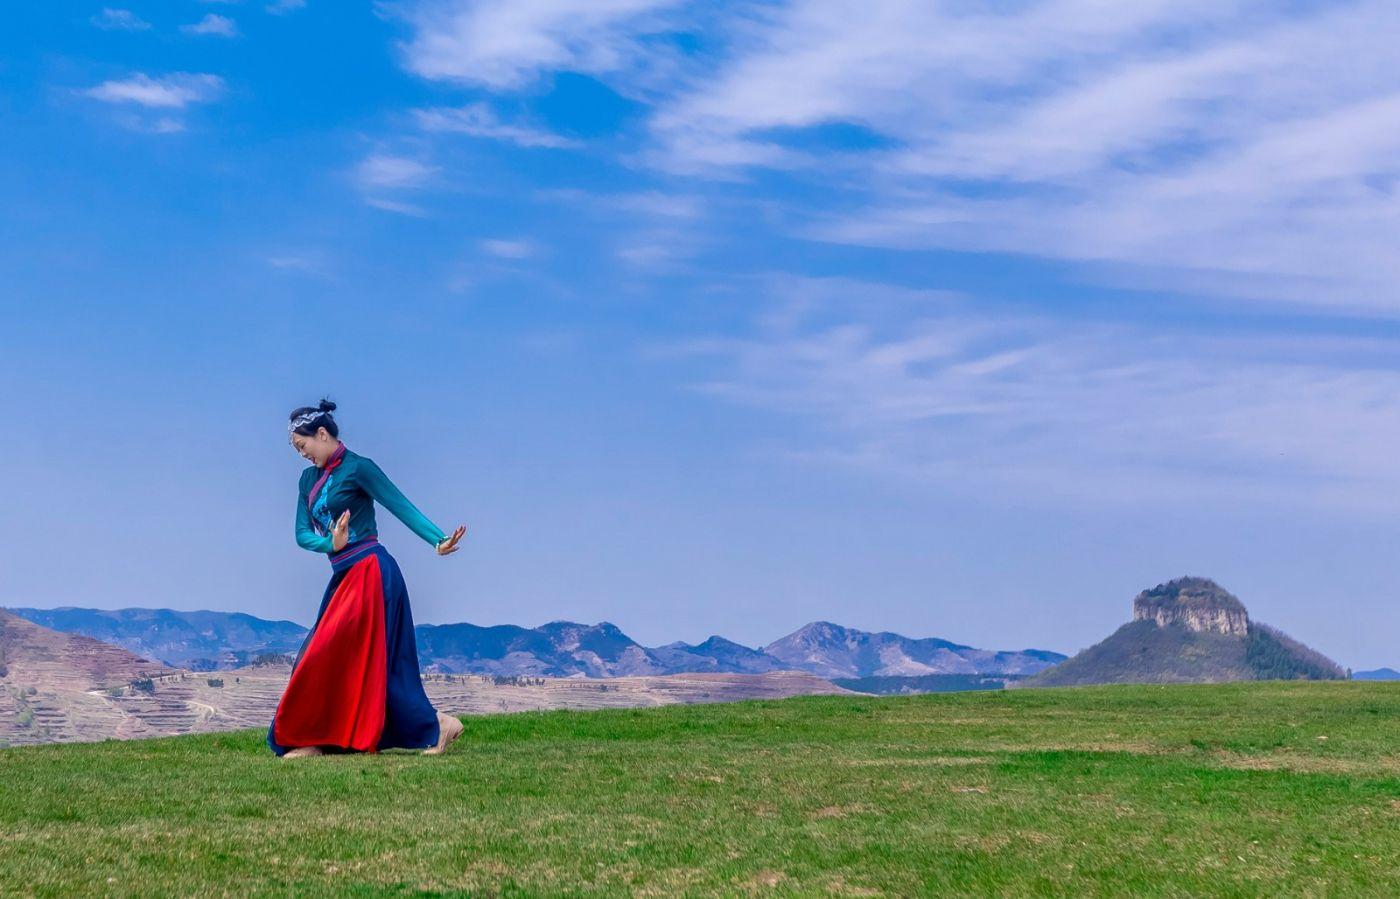 崮上草原有位女孩在翩翩起舞 她要和你邂逅在崮上花开的季节 ..._图1-31